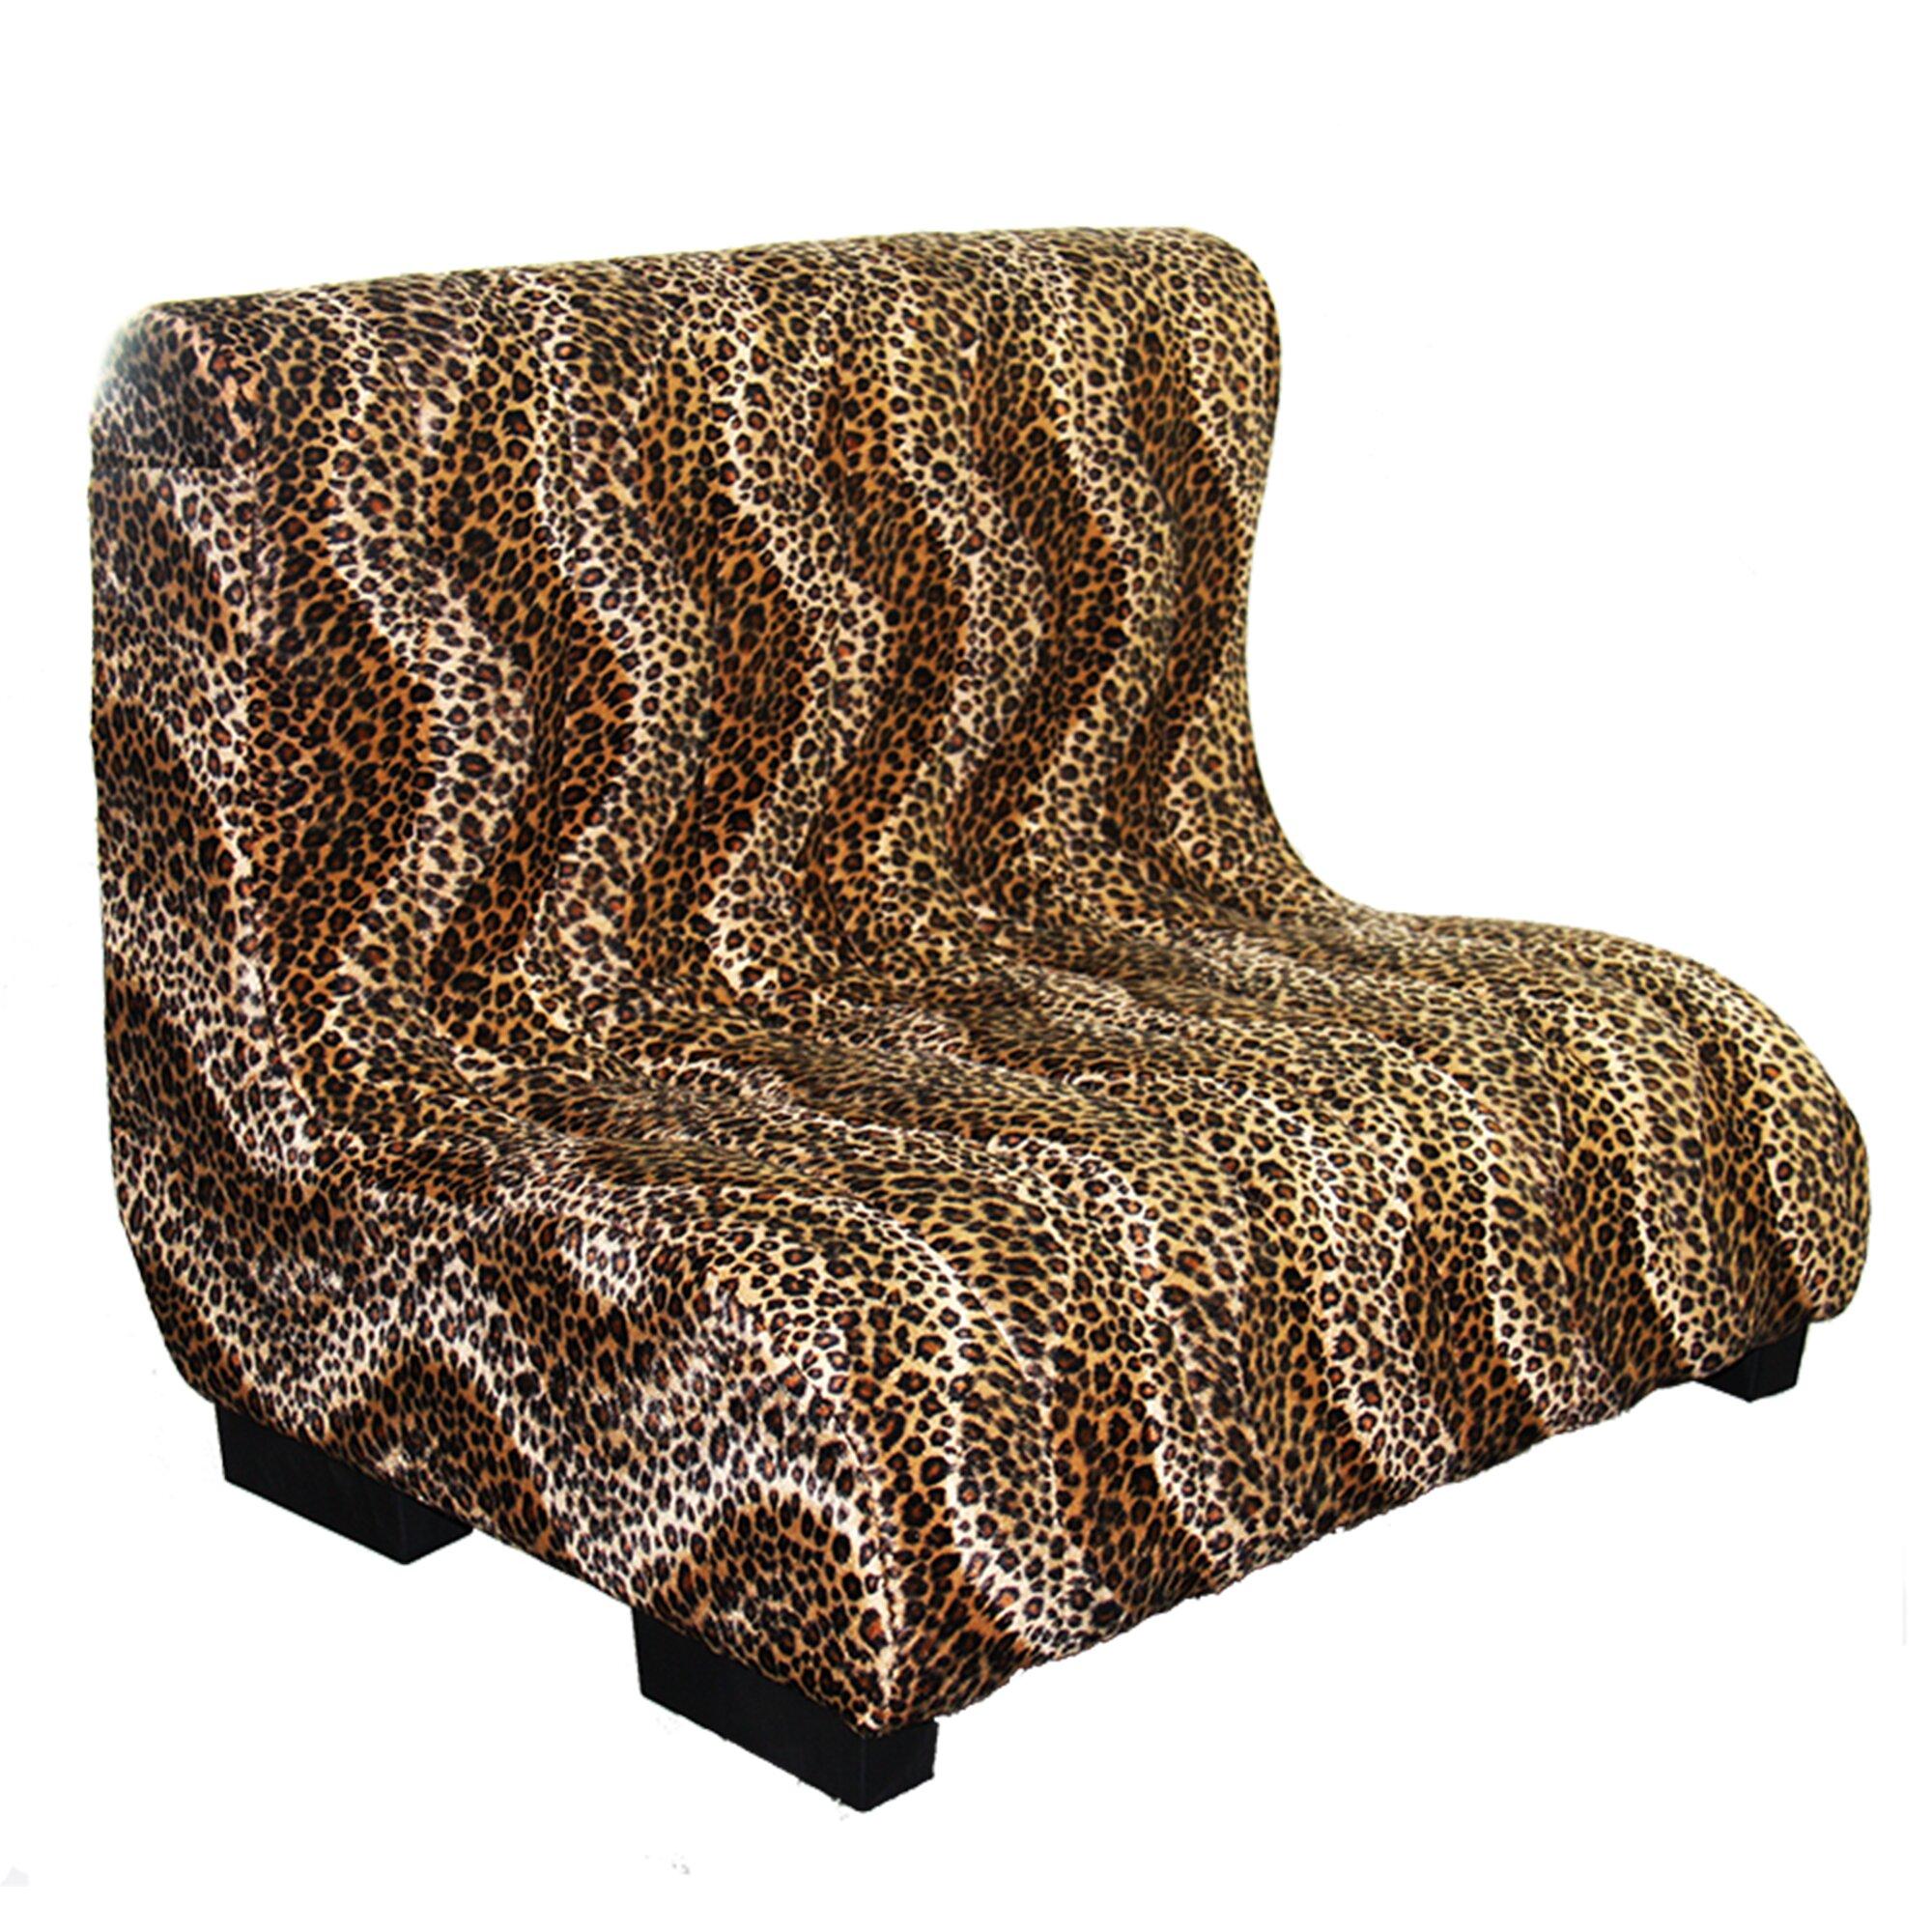 Ore furniture upholstered plush leopard tufted dog bed for Upholstered dog bed